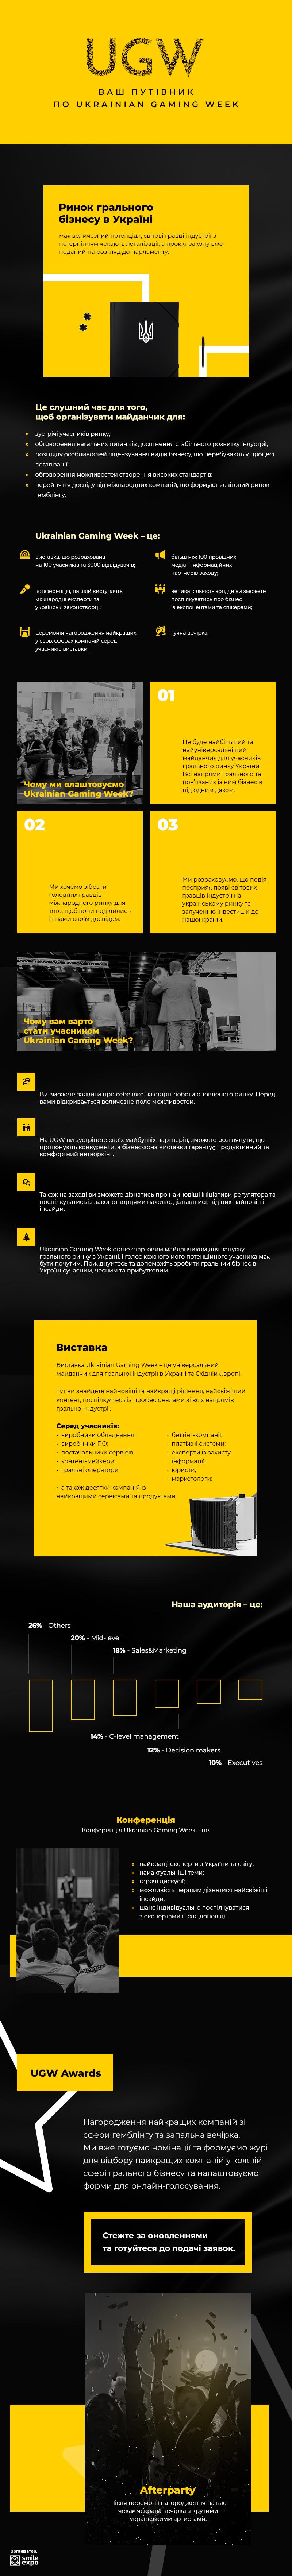 UGW: PutIvnik po Ukrainian Gaming Week 2020: chomu varto vIdvIdati Ivent? (InfografIka)